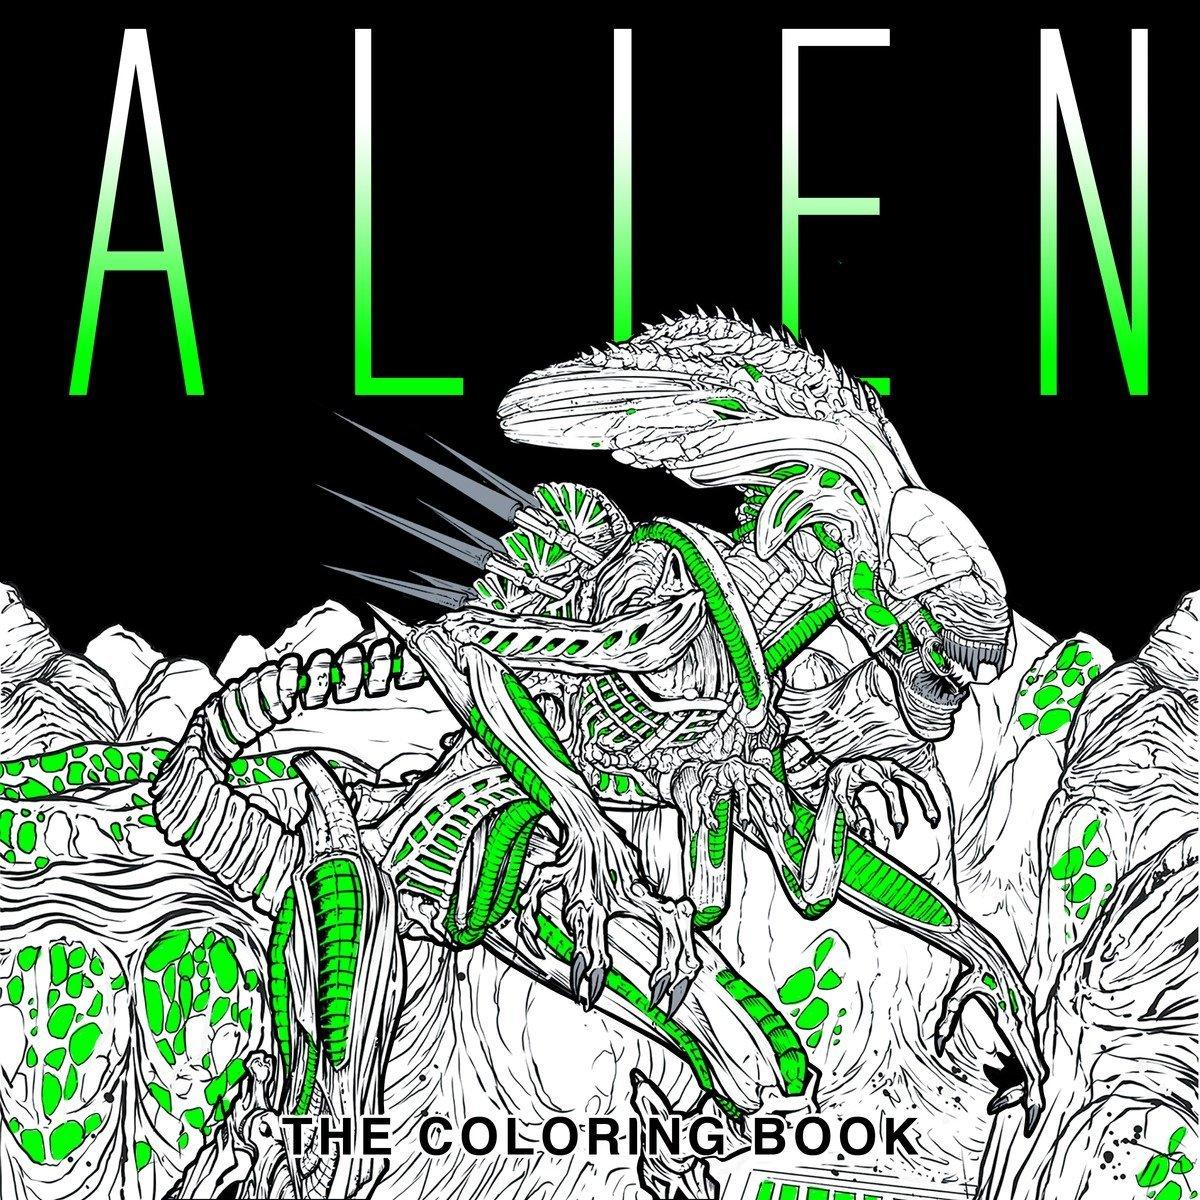 Amazon.com: Alien: The Coloring Book (9781785653766): Titan Books: Books